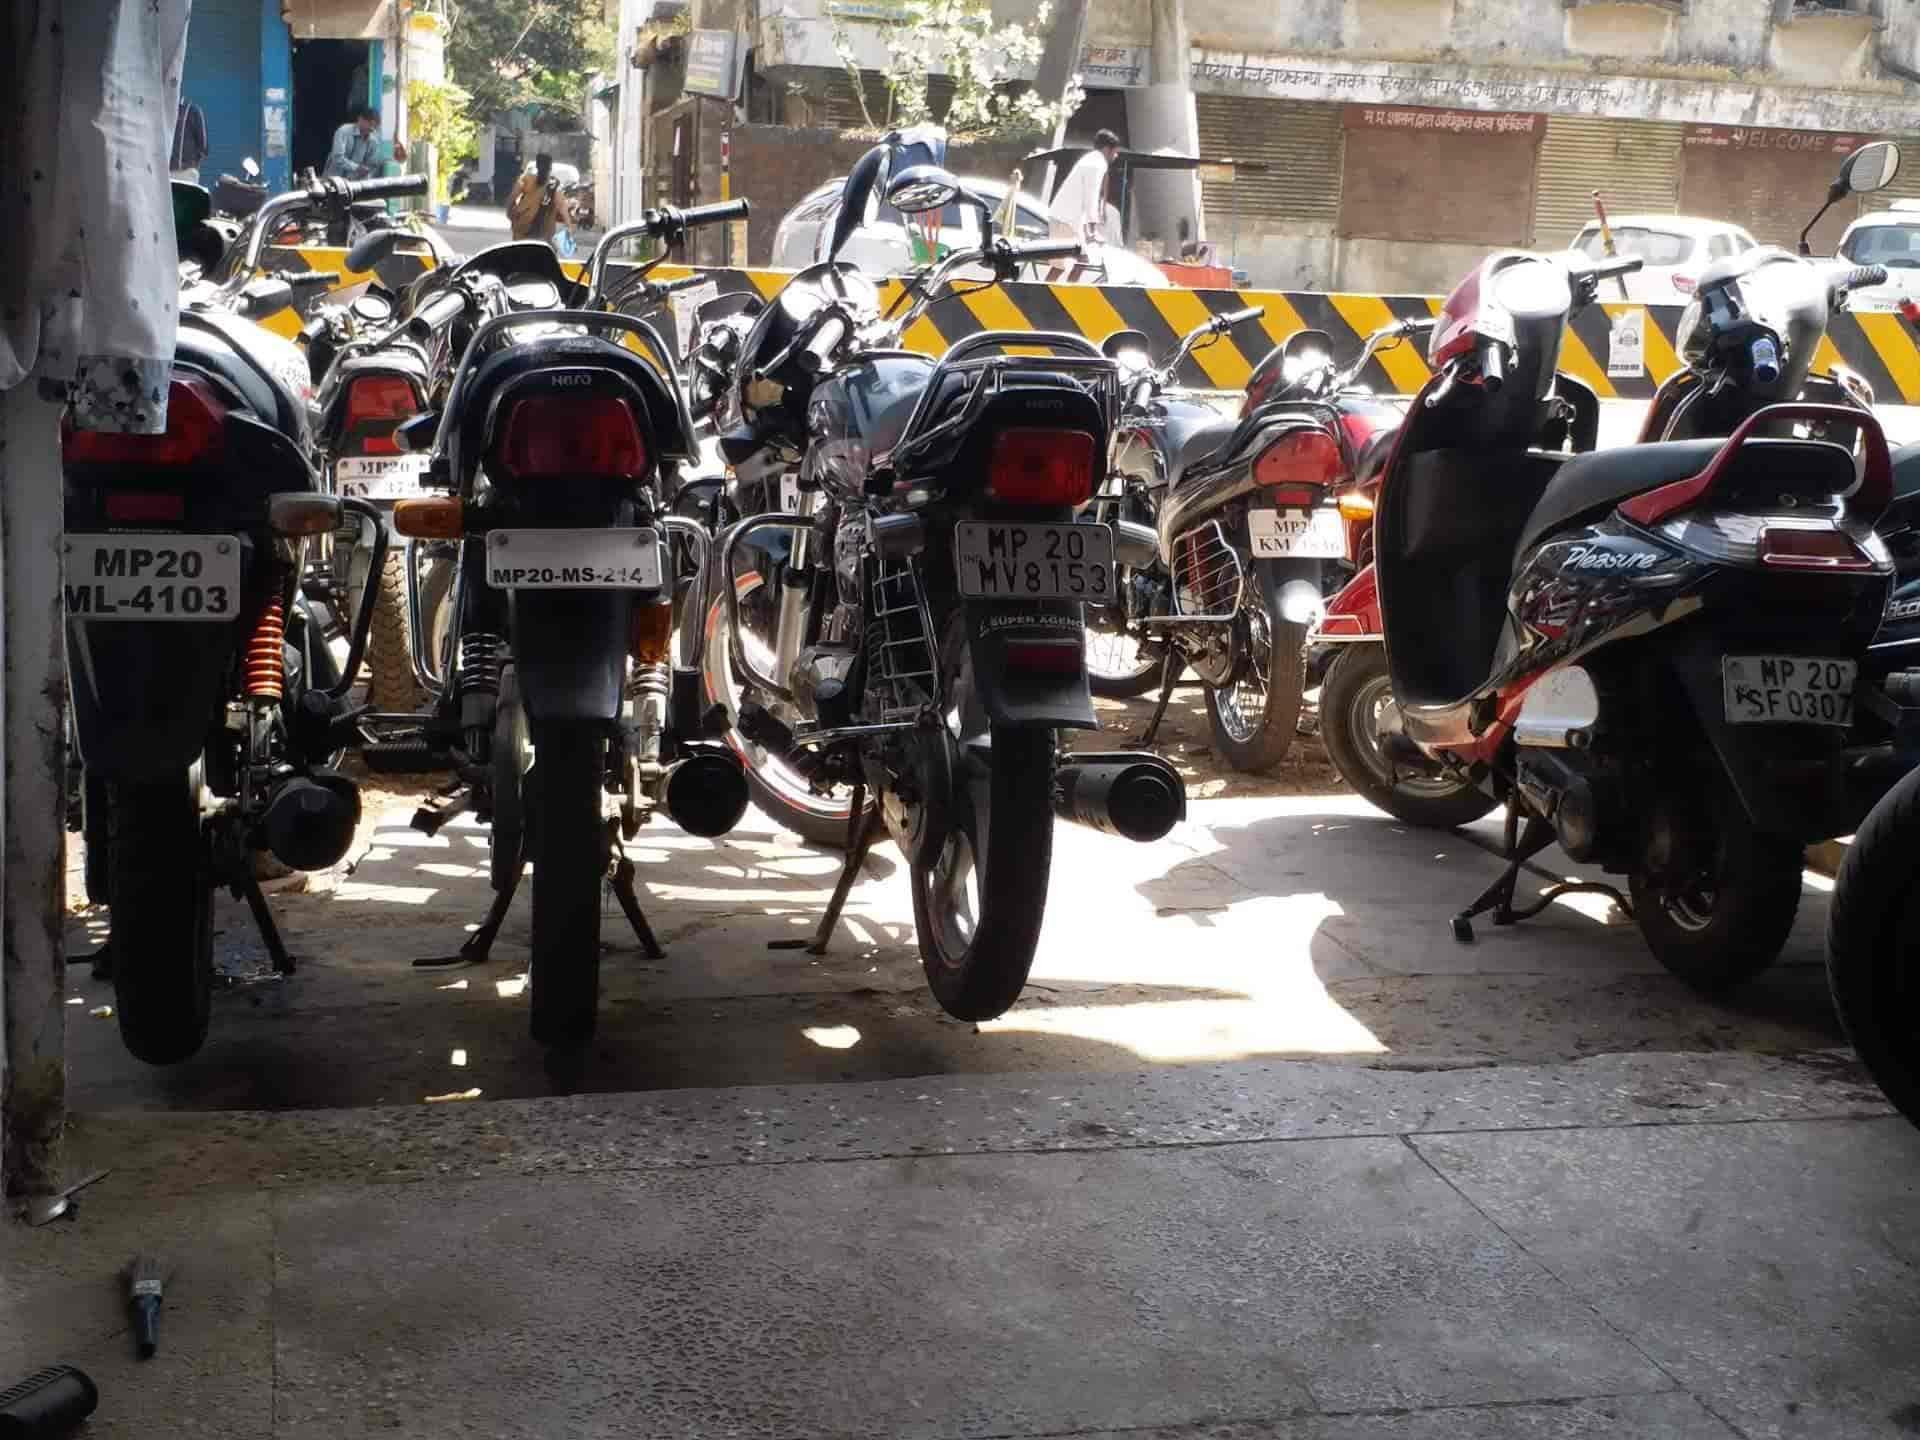 Top Ktm Bike Dealers In Jabalpur Best Ktm Motorcycle Dealers Justdial